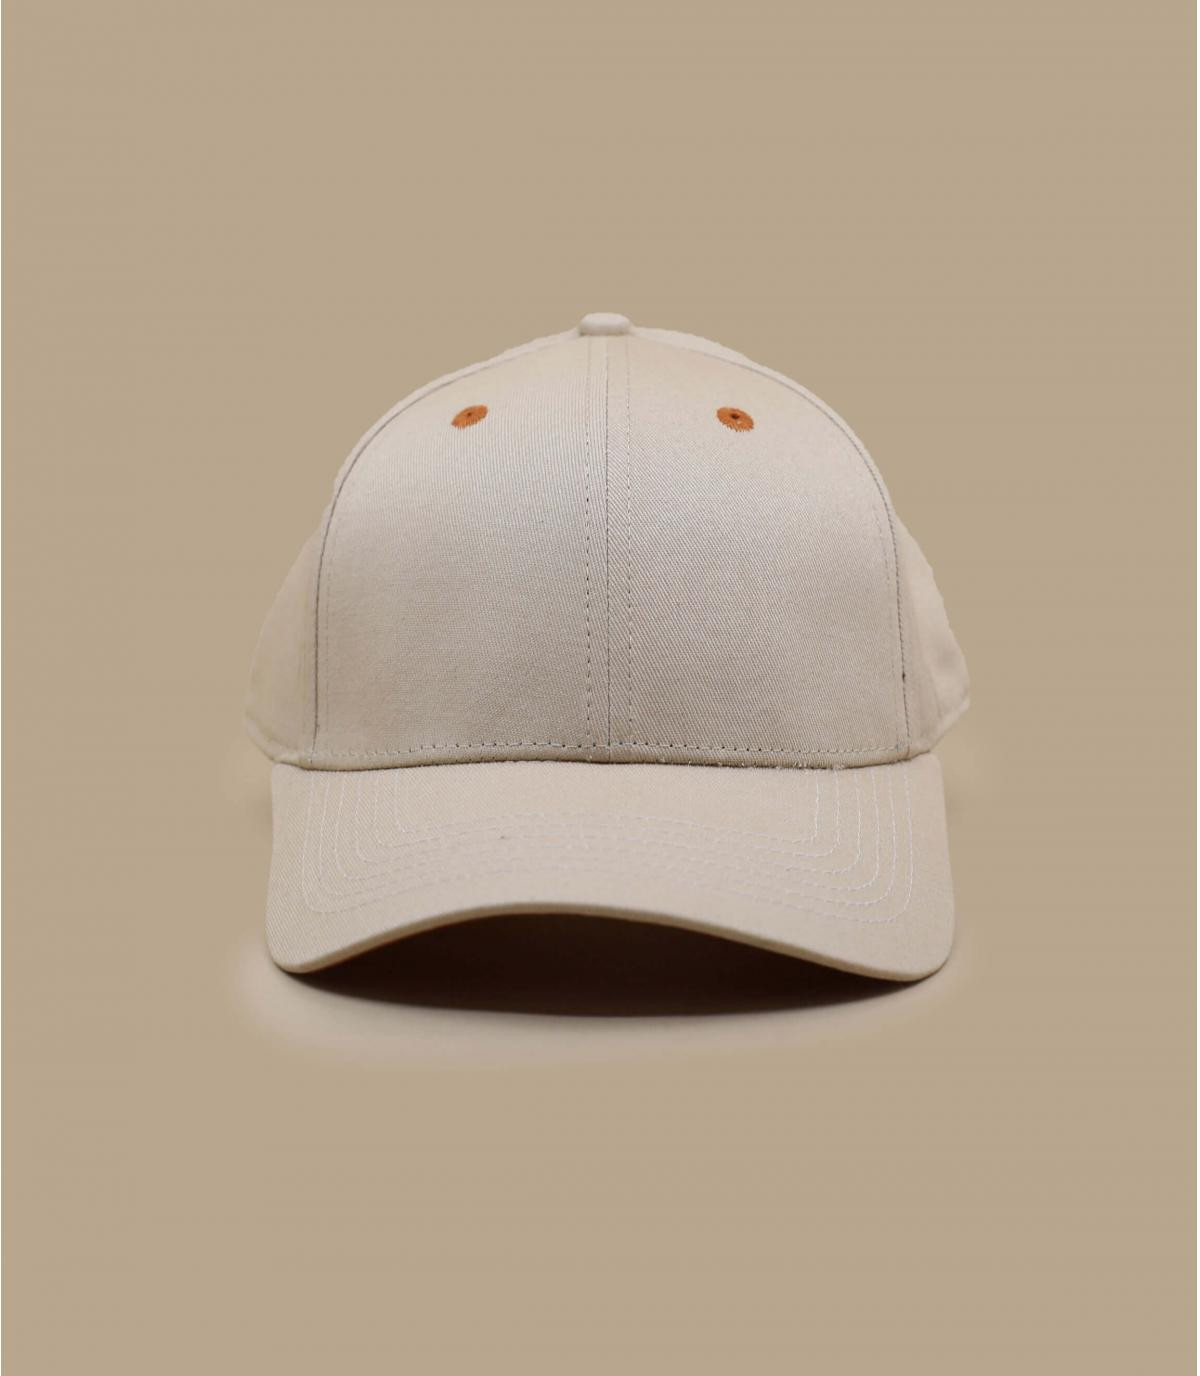 casquette Malotru beige adulte